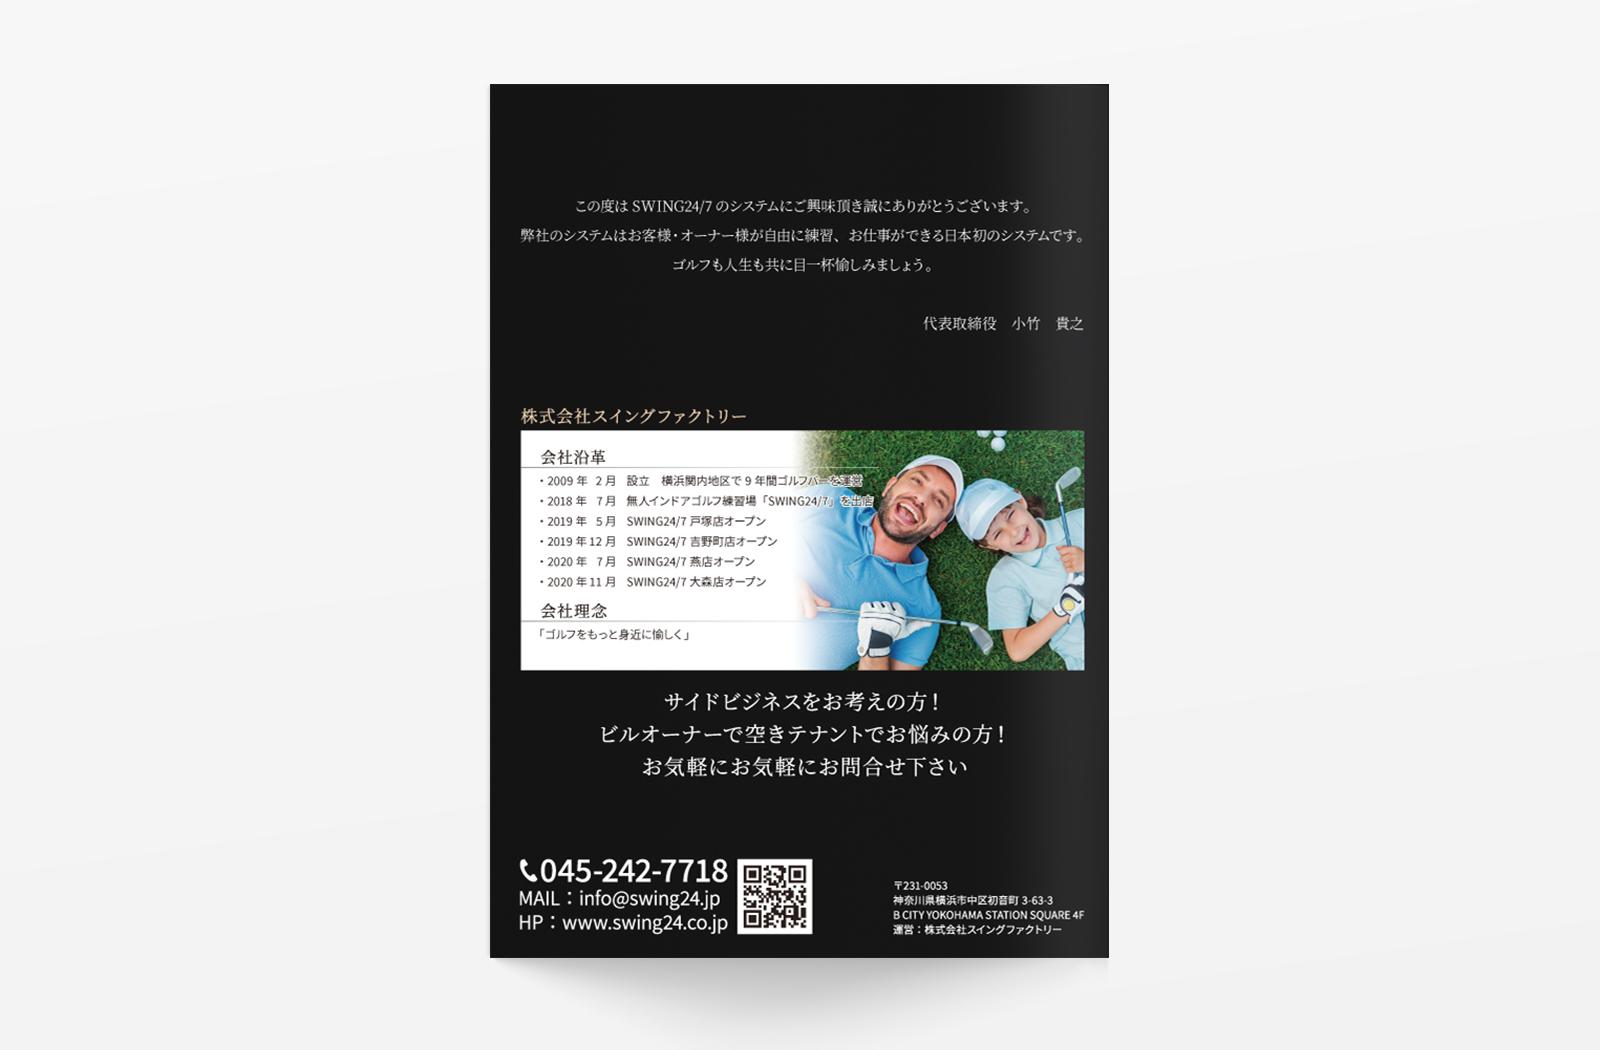 swing24/7様のカタログデザイン